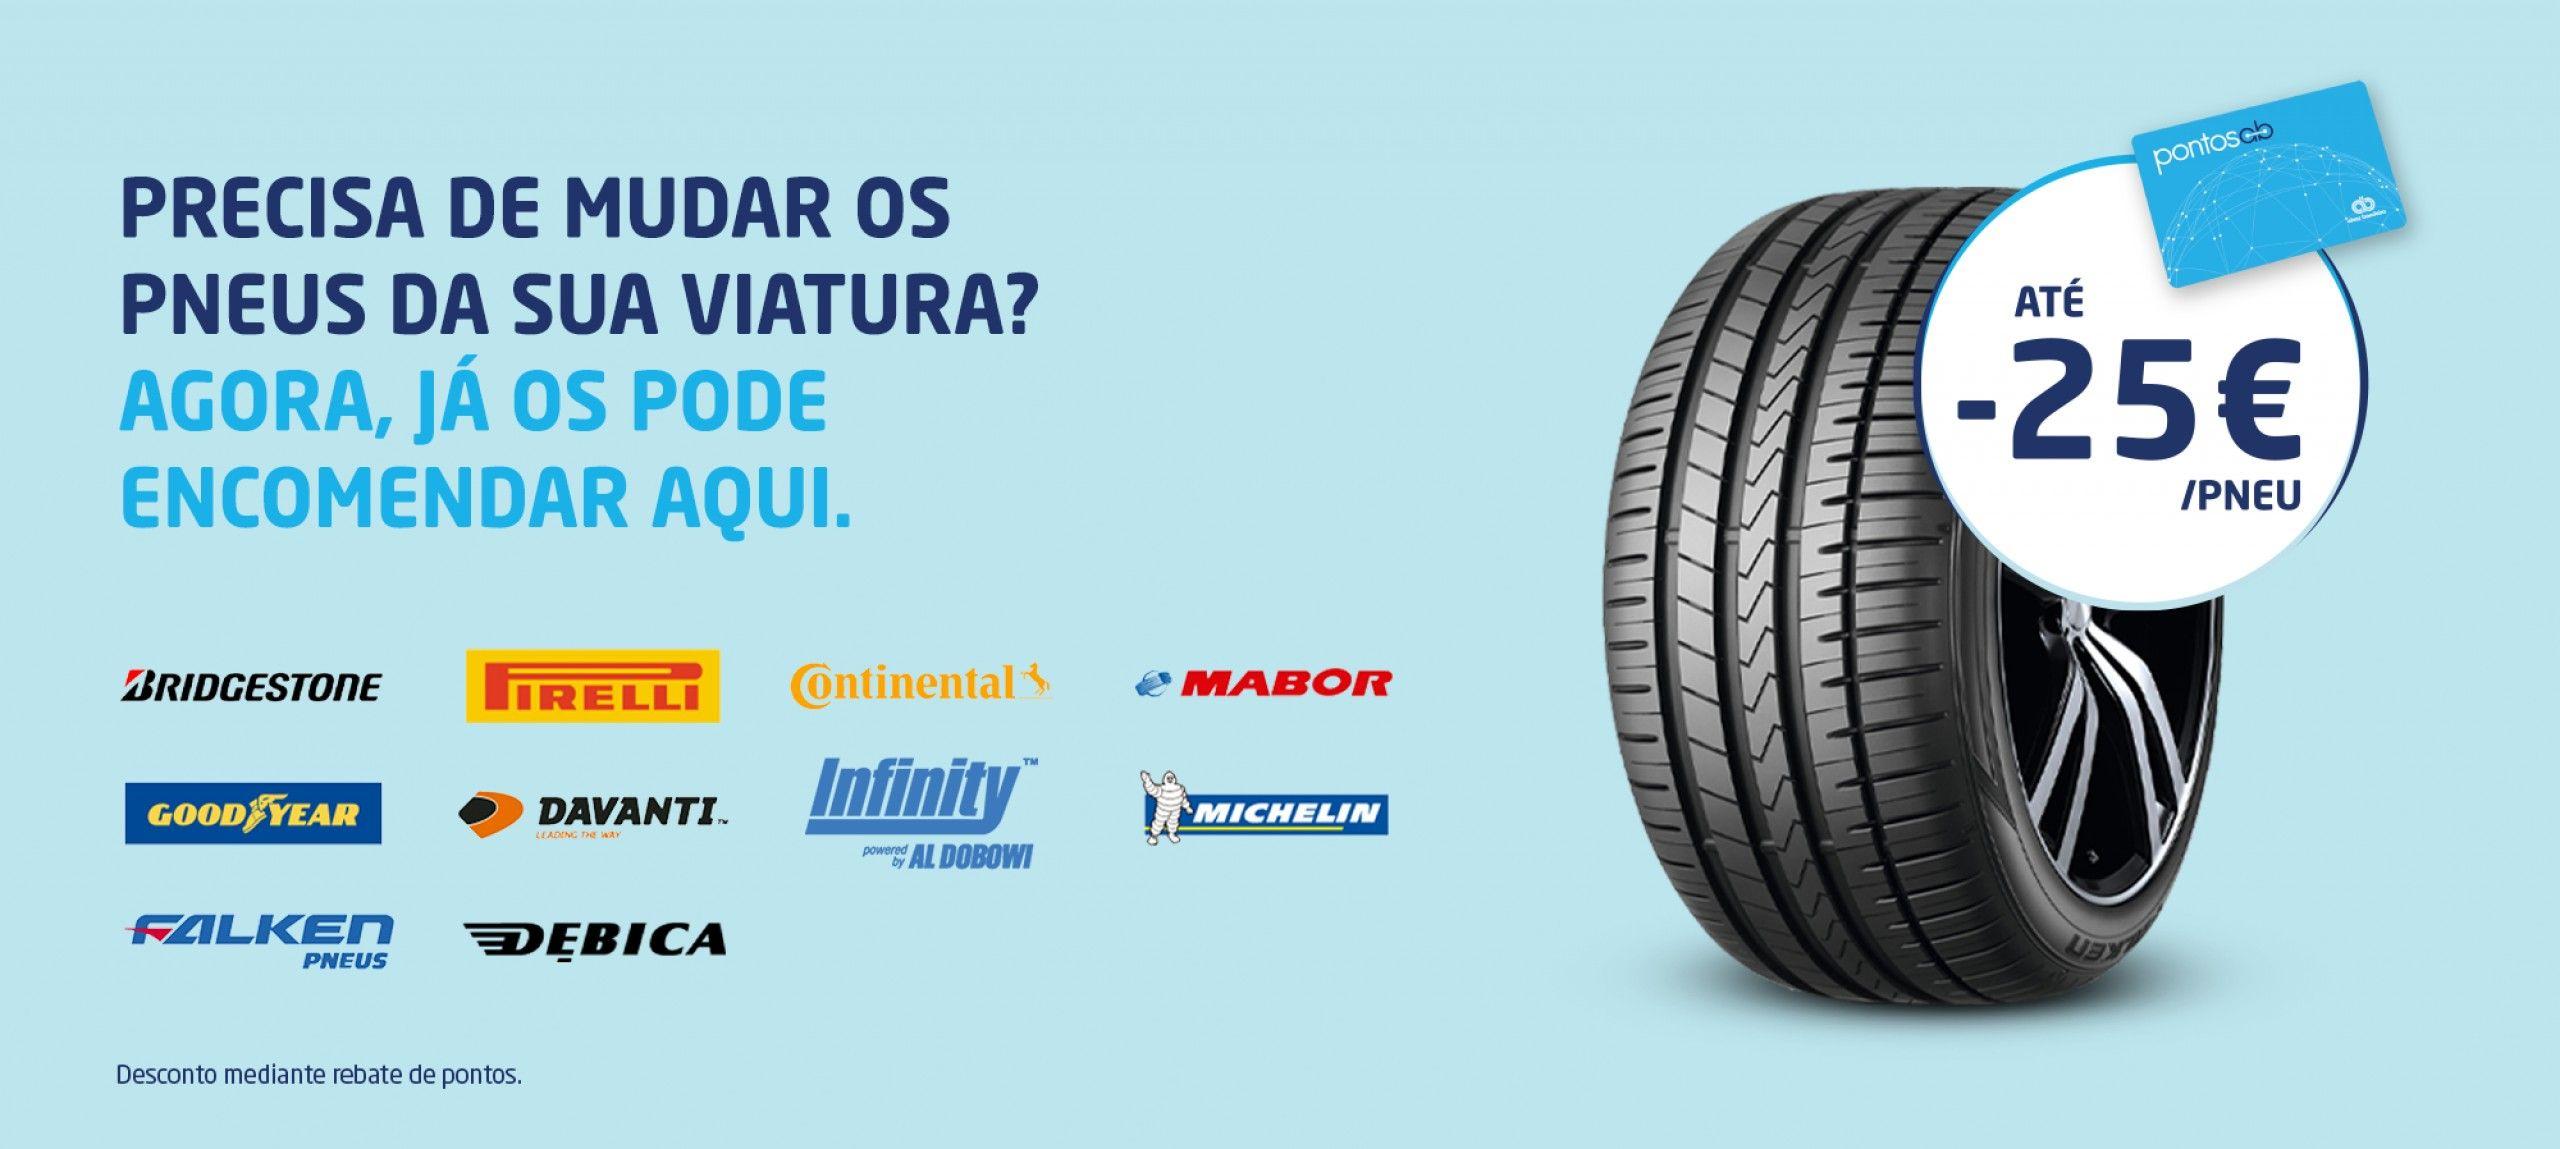 wook ganhe premios_0